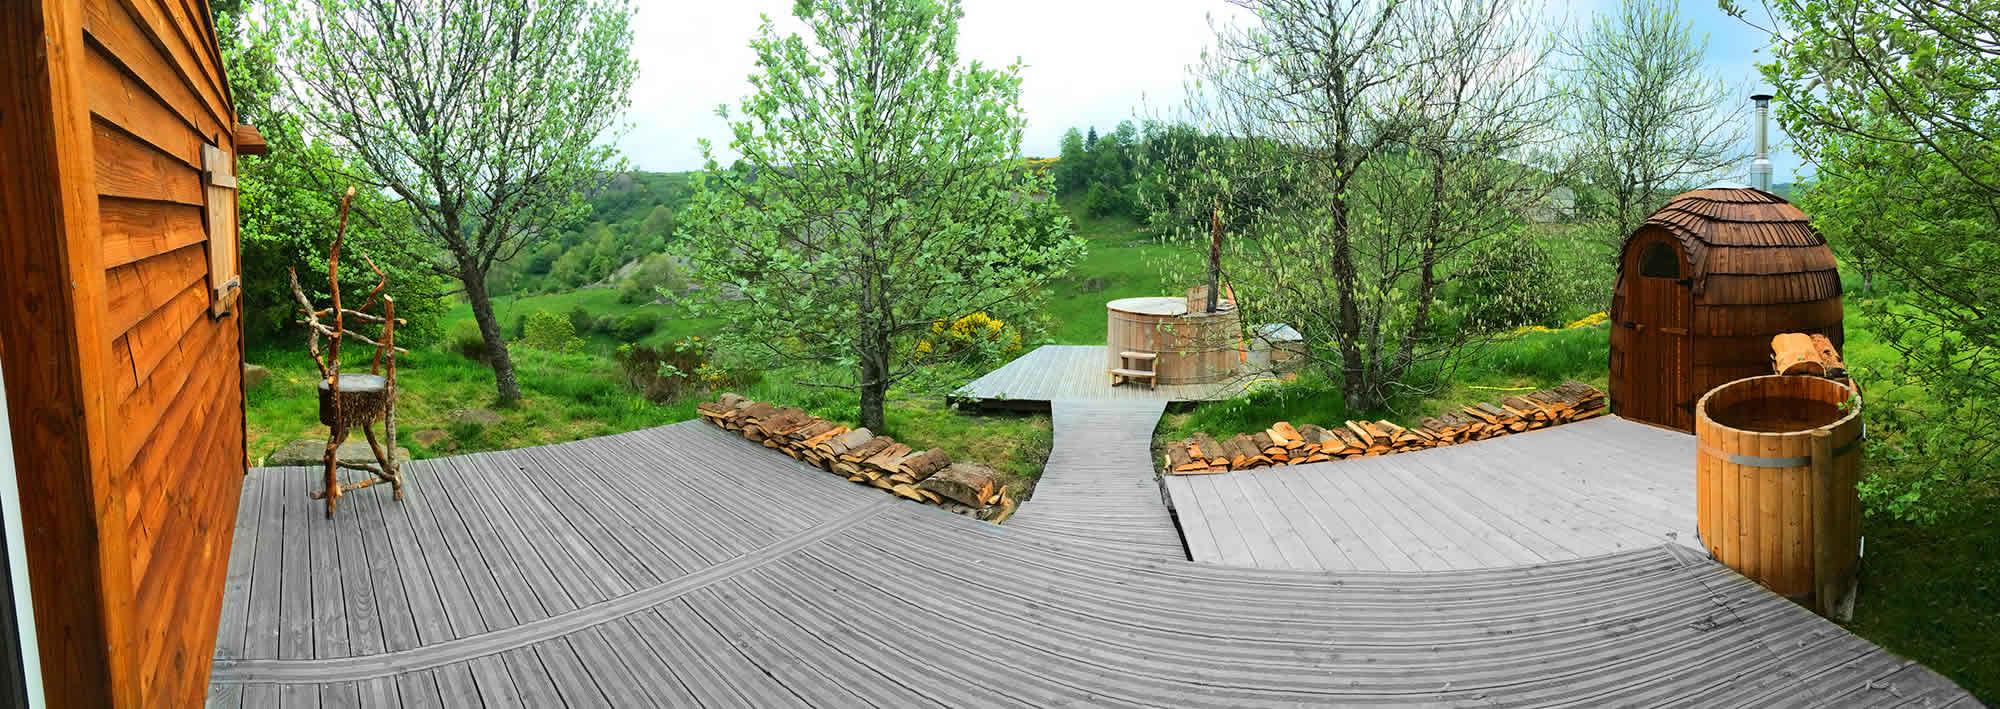 Bain finlandais + sauna bois